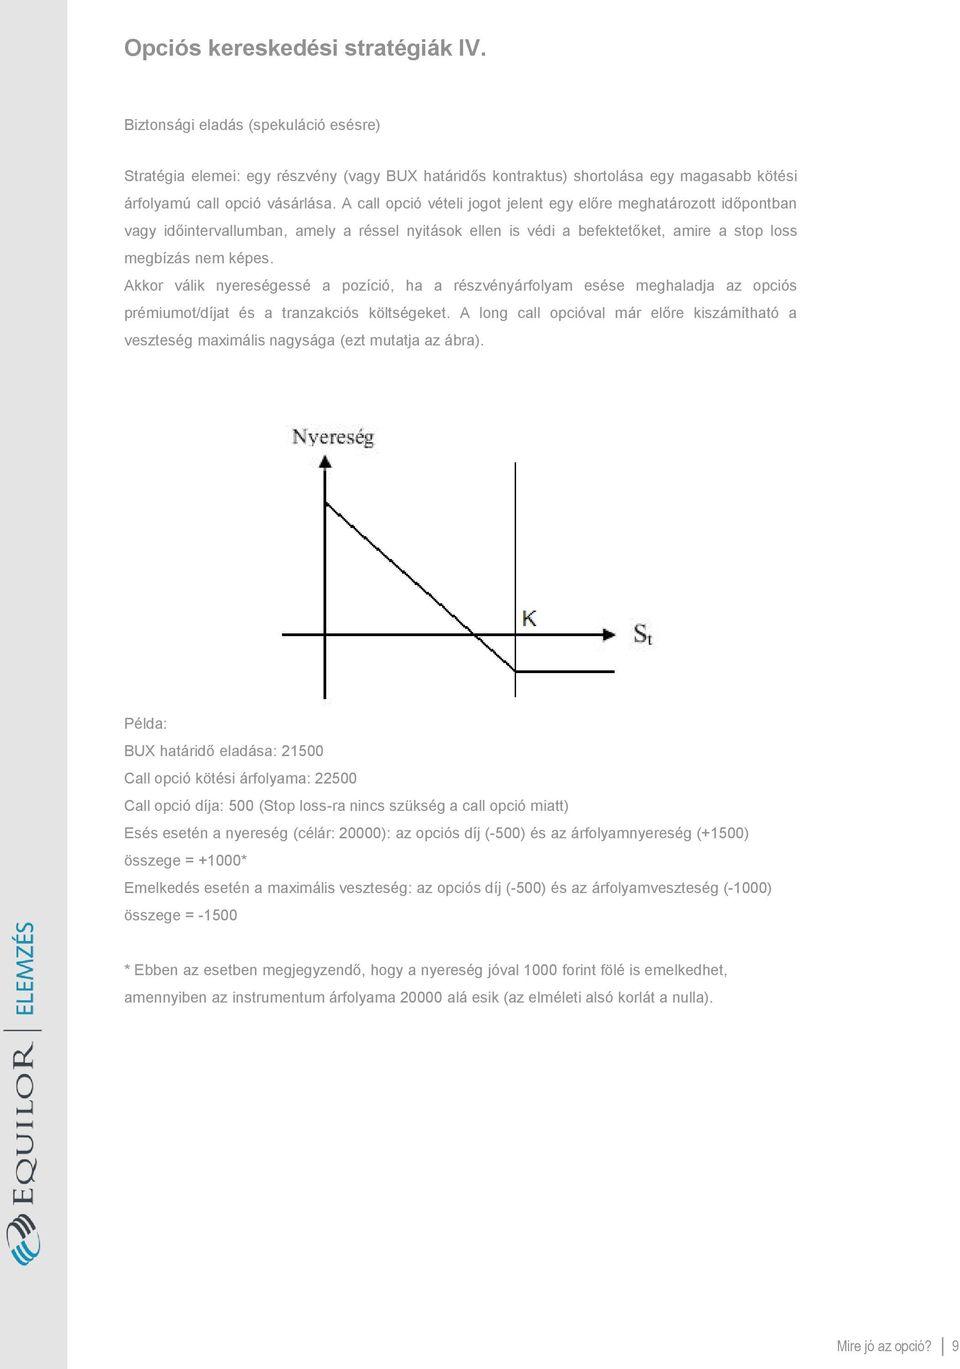 turbó opciós kereskedési rendszer